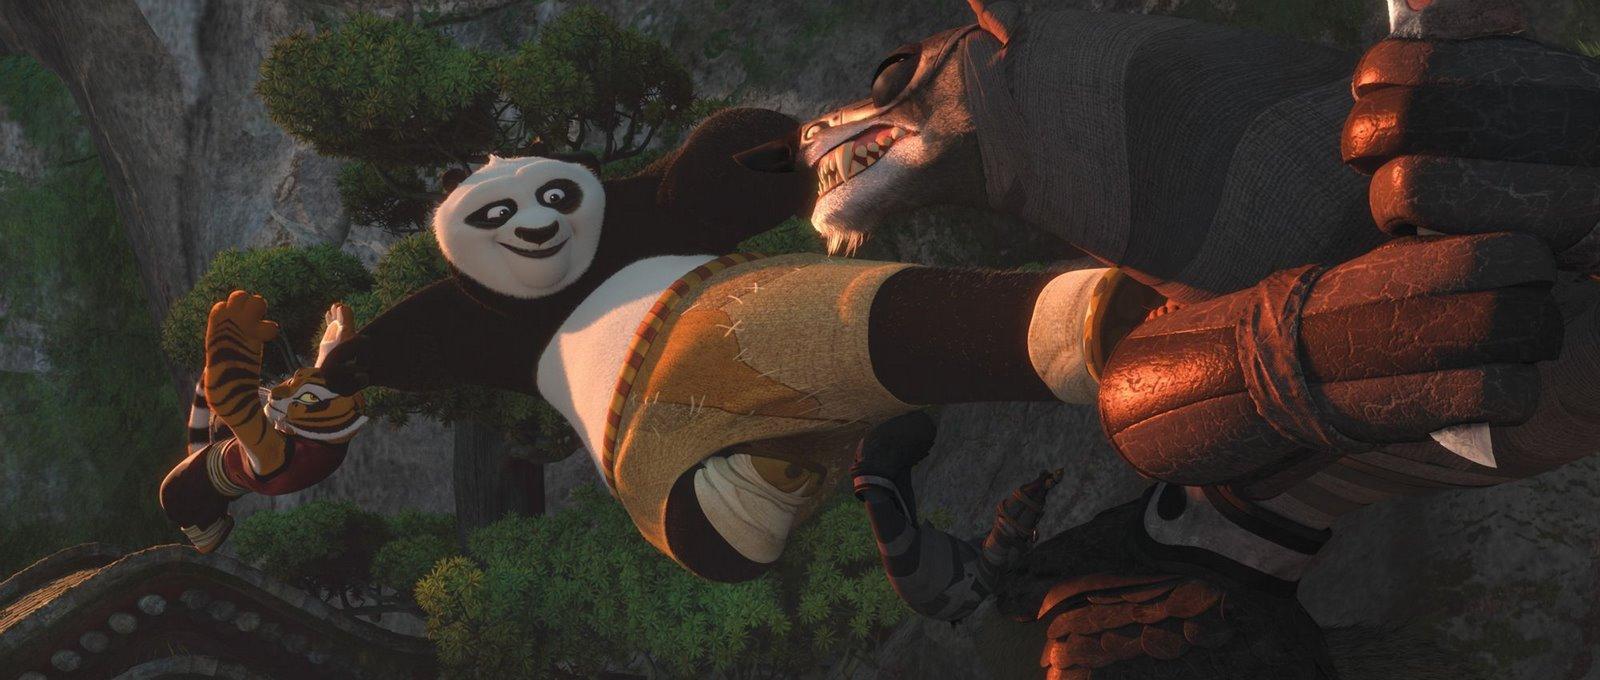 Desenhos do PANDA KUNG FU para colorir Luta com o  - imagens para colorir do kung fu panda